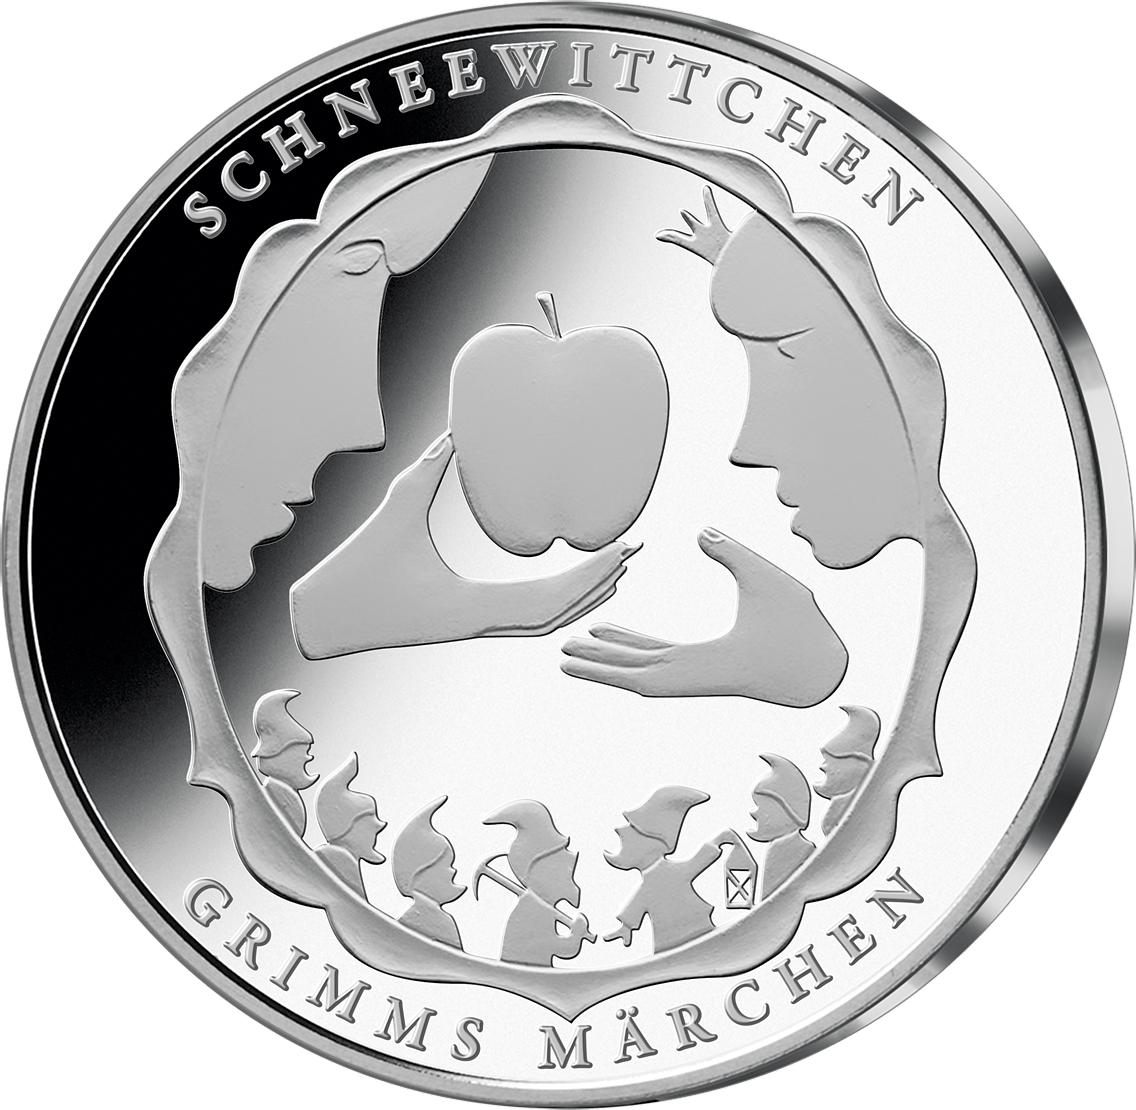 10 Euro Münze Schneewittchen Brd 2013 Münzen Günstigerde